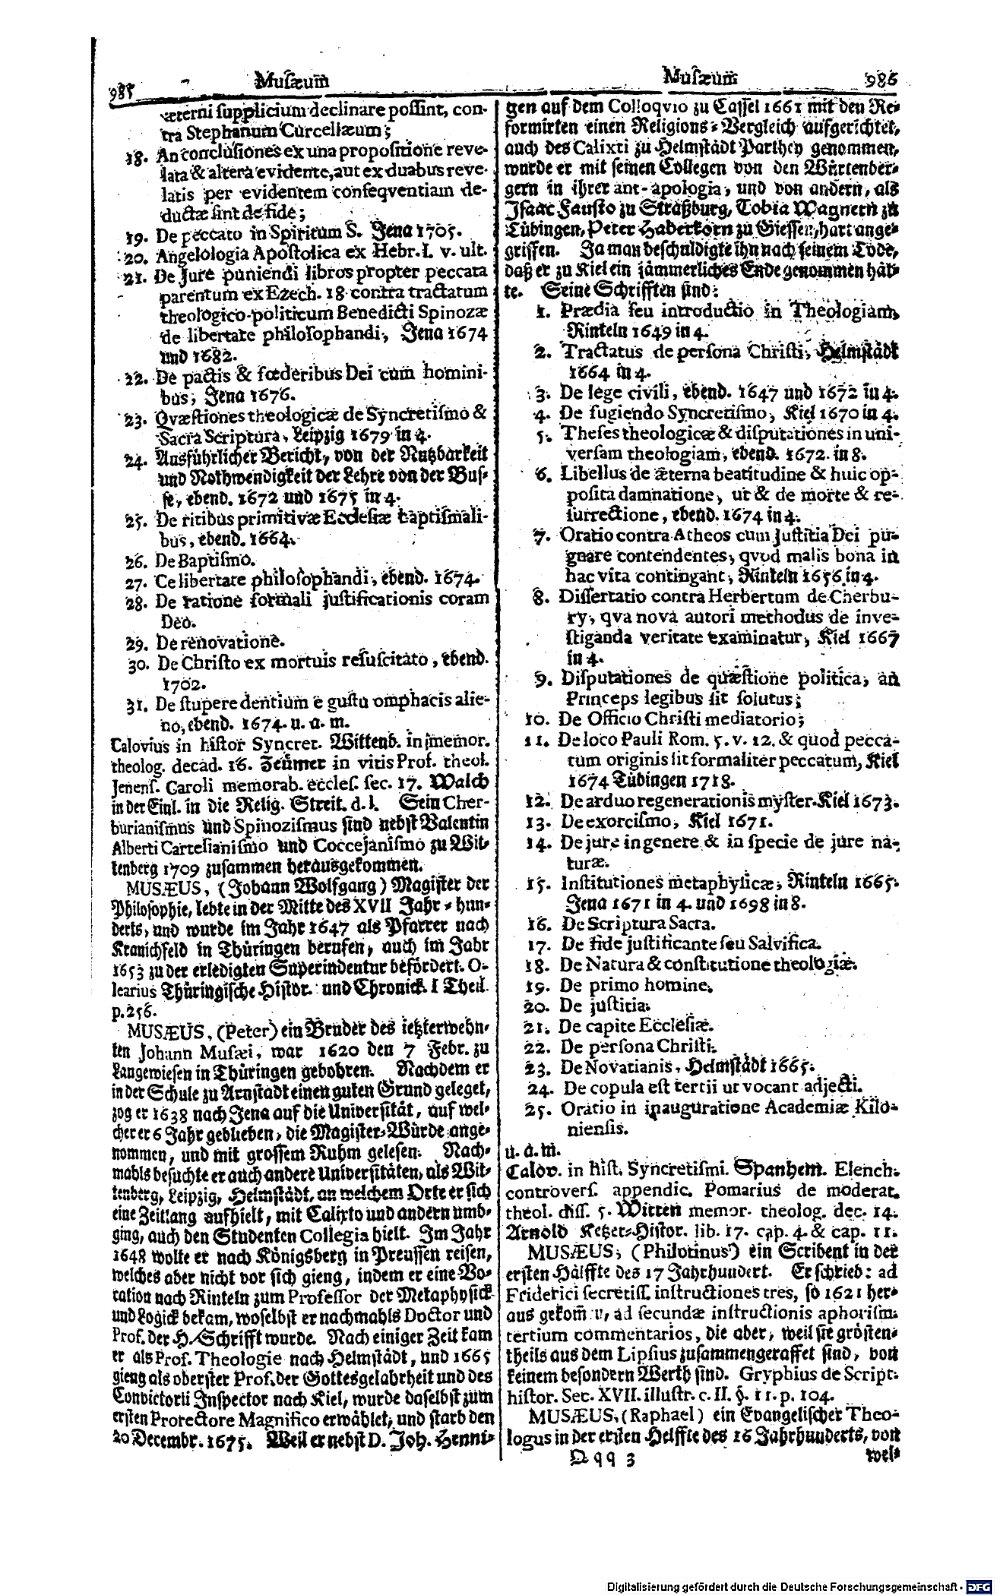 Bd. 22, Seite 0510.